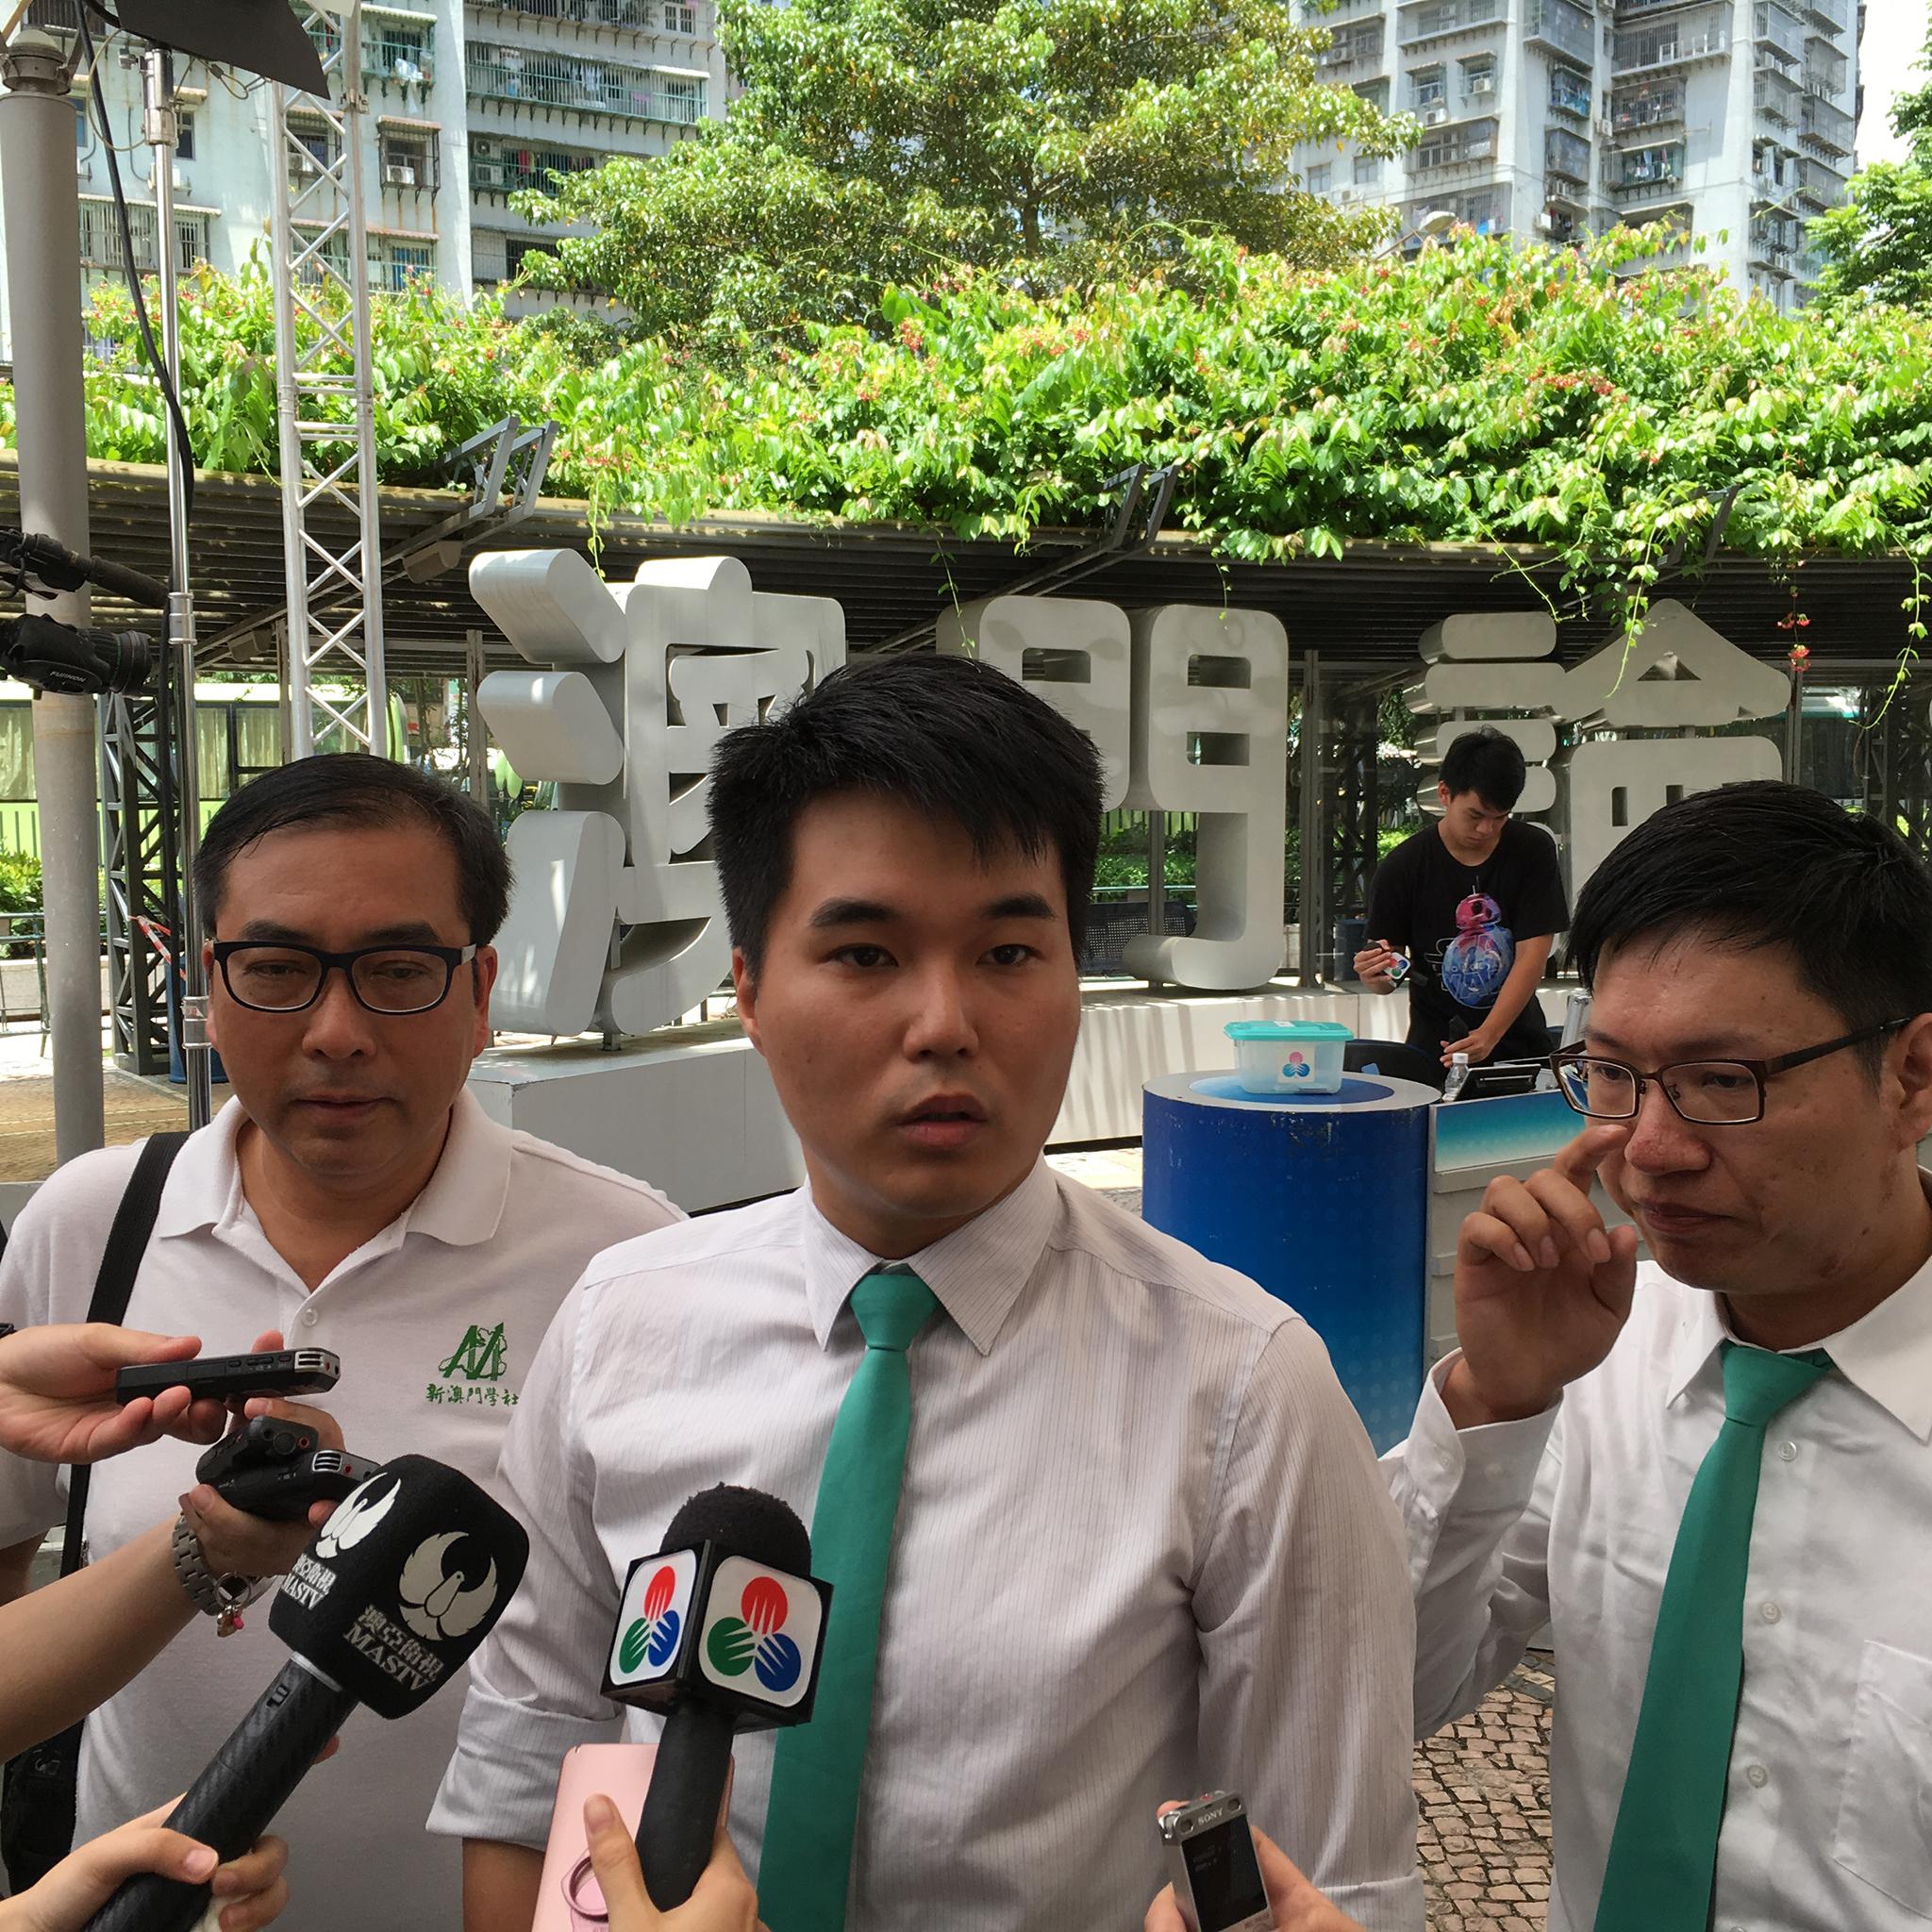 Eleições   Lista de Sulu Sou queixa-se de três listas concorrentes ao Ministério Público